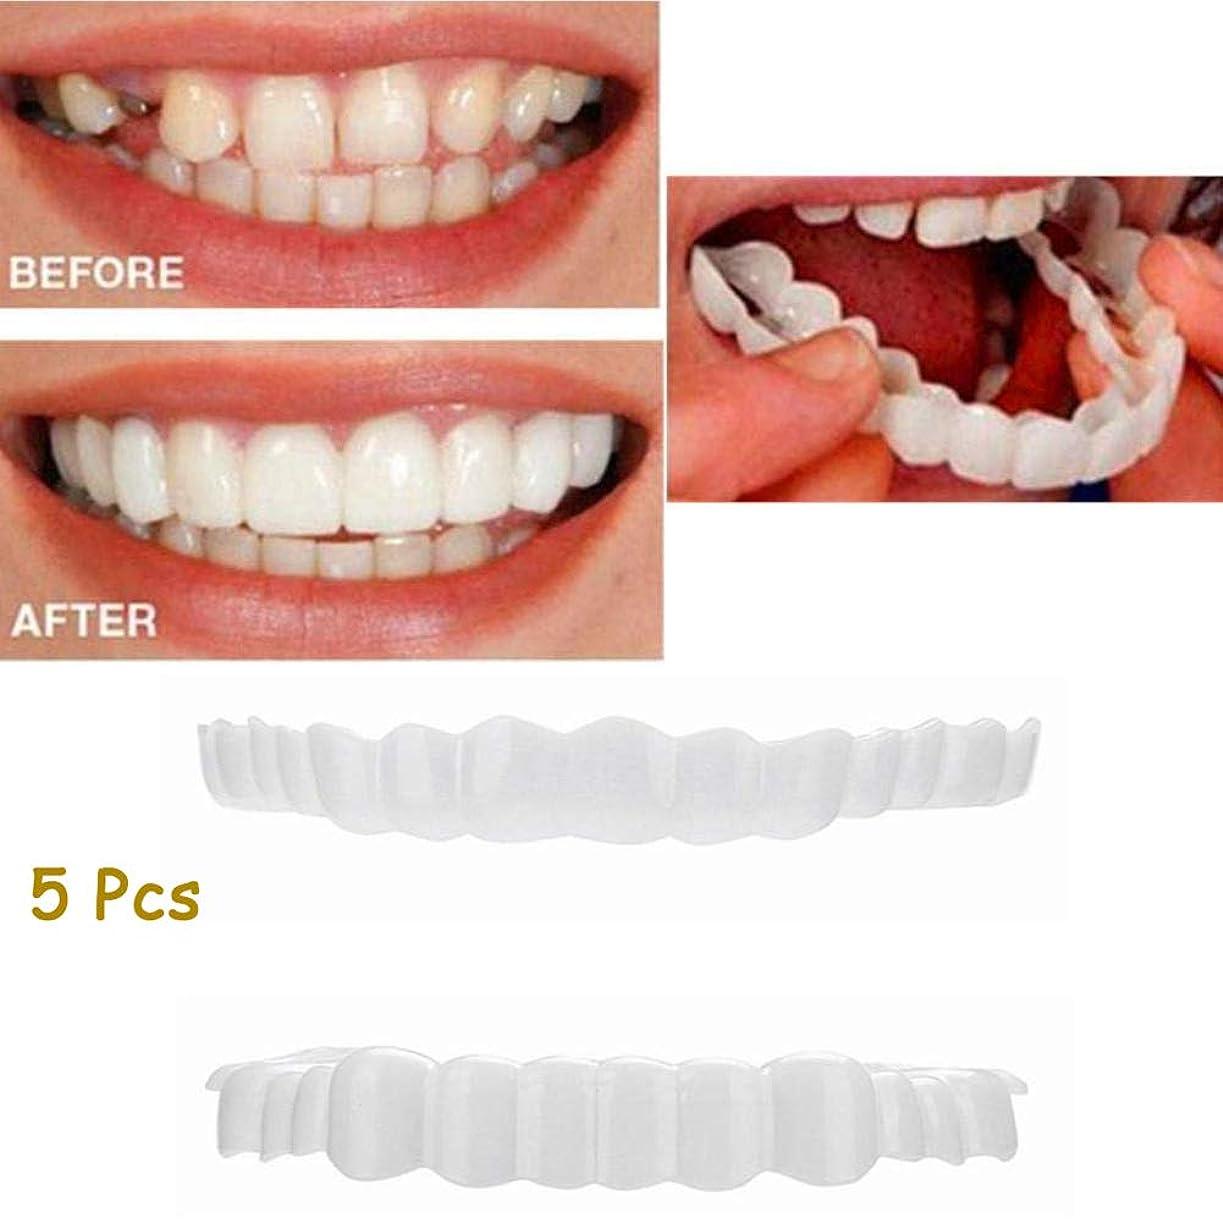 印刷する紛争雑多な5ピース上歯+下歯セットインスタントパーフェクトコンフォートフィットフレックス化粧品歯入れ歯歯ホワイトニングスマイルフェイク歯